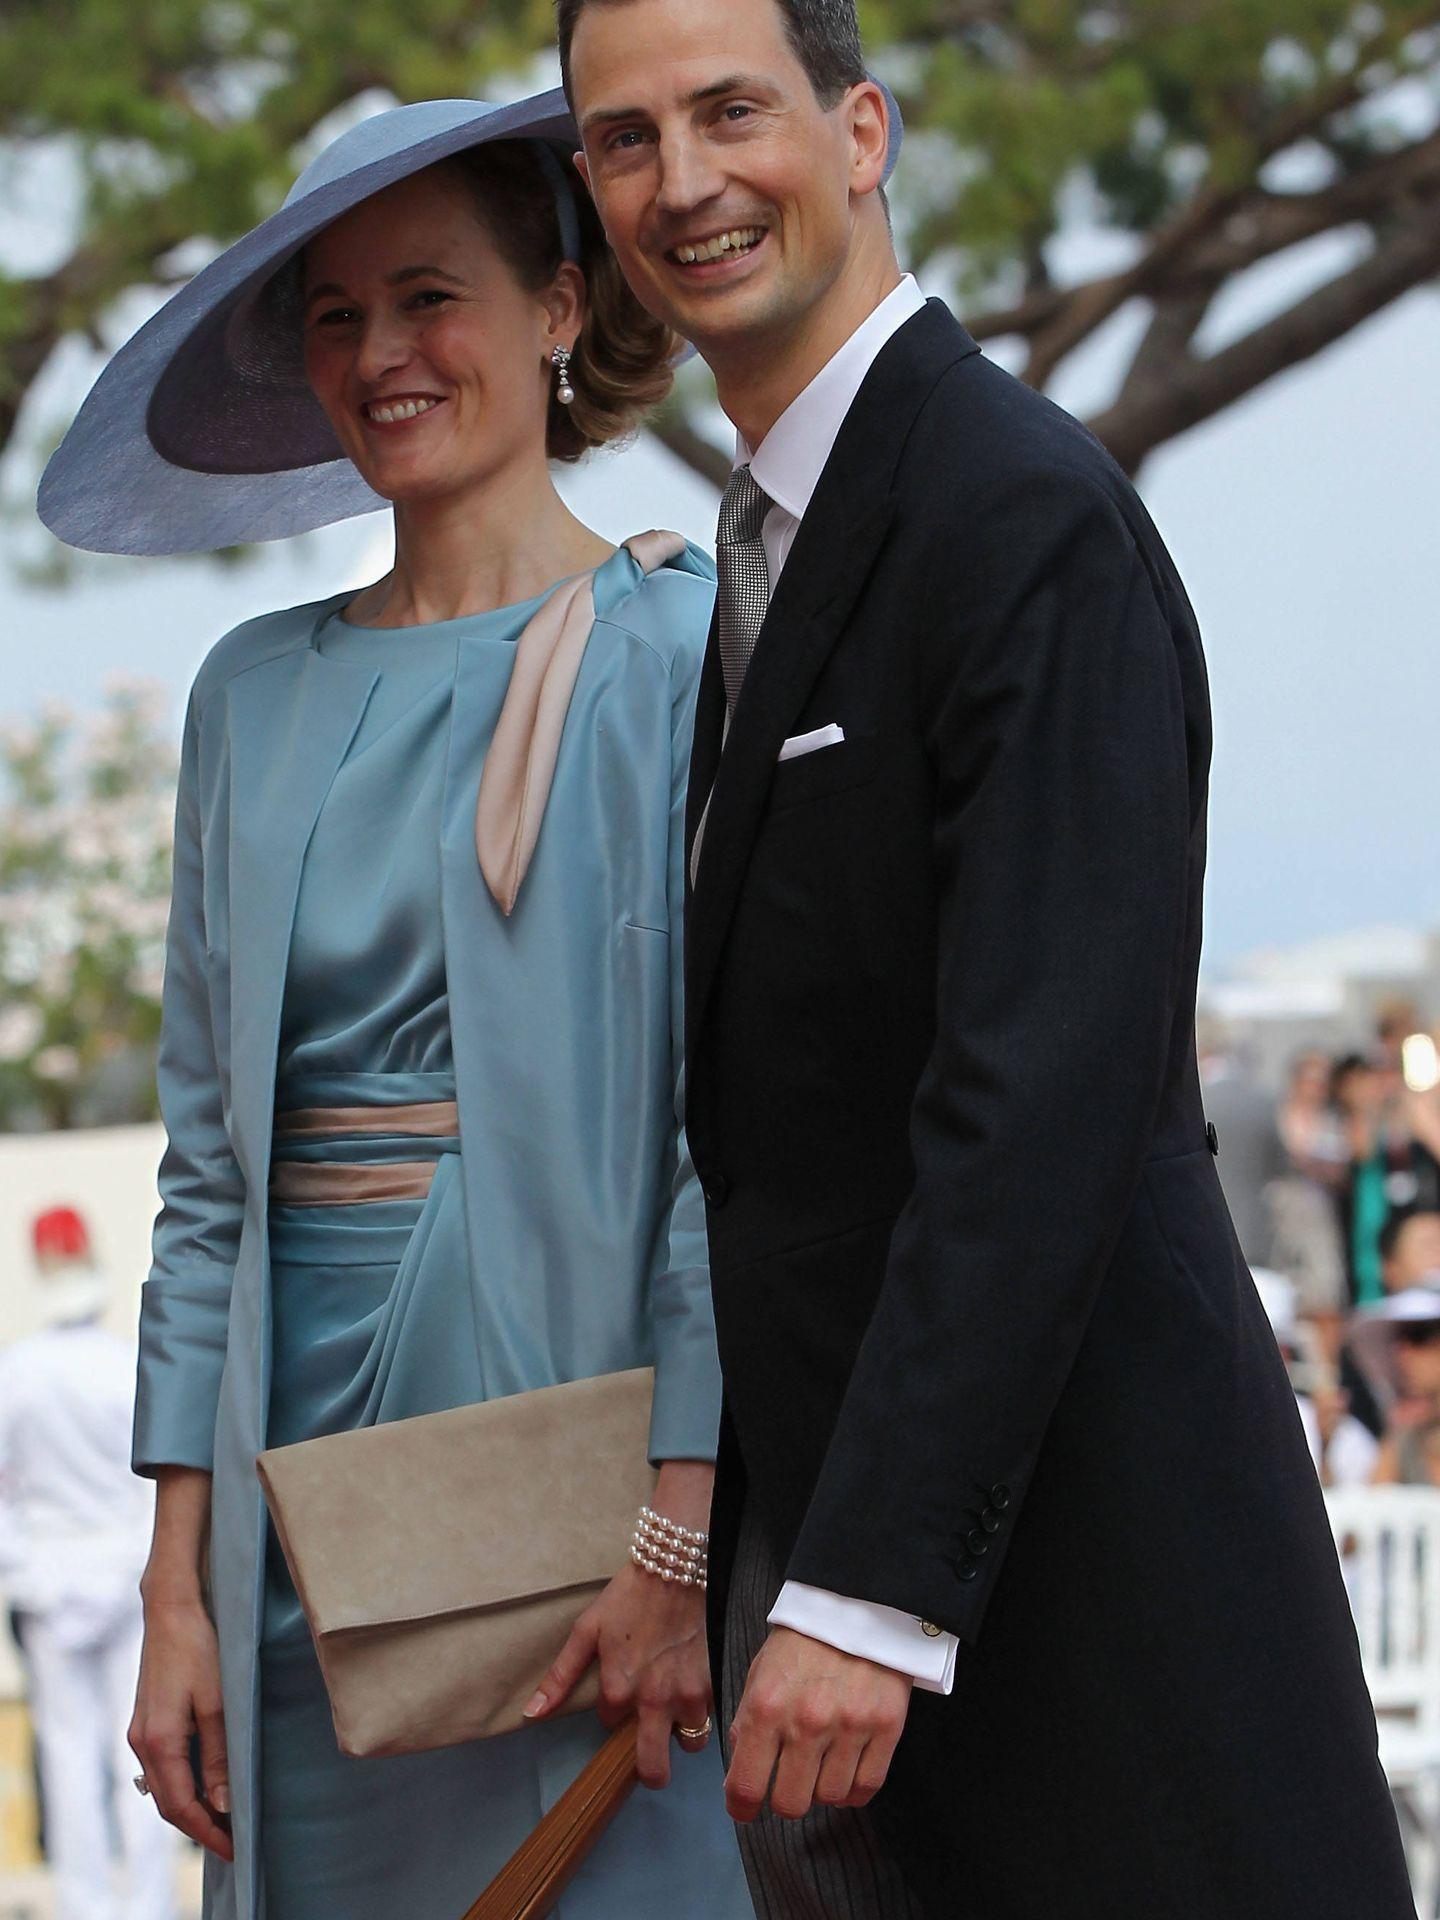 El matrimonio heredero de Liechtenstein. (Getty)